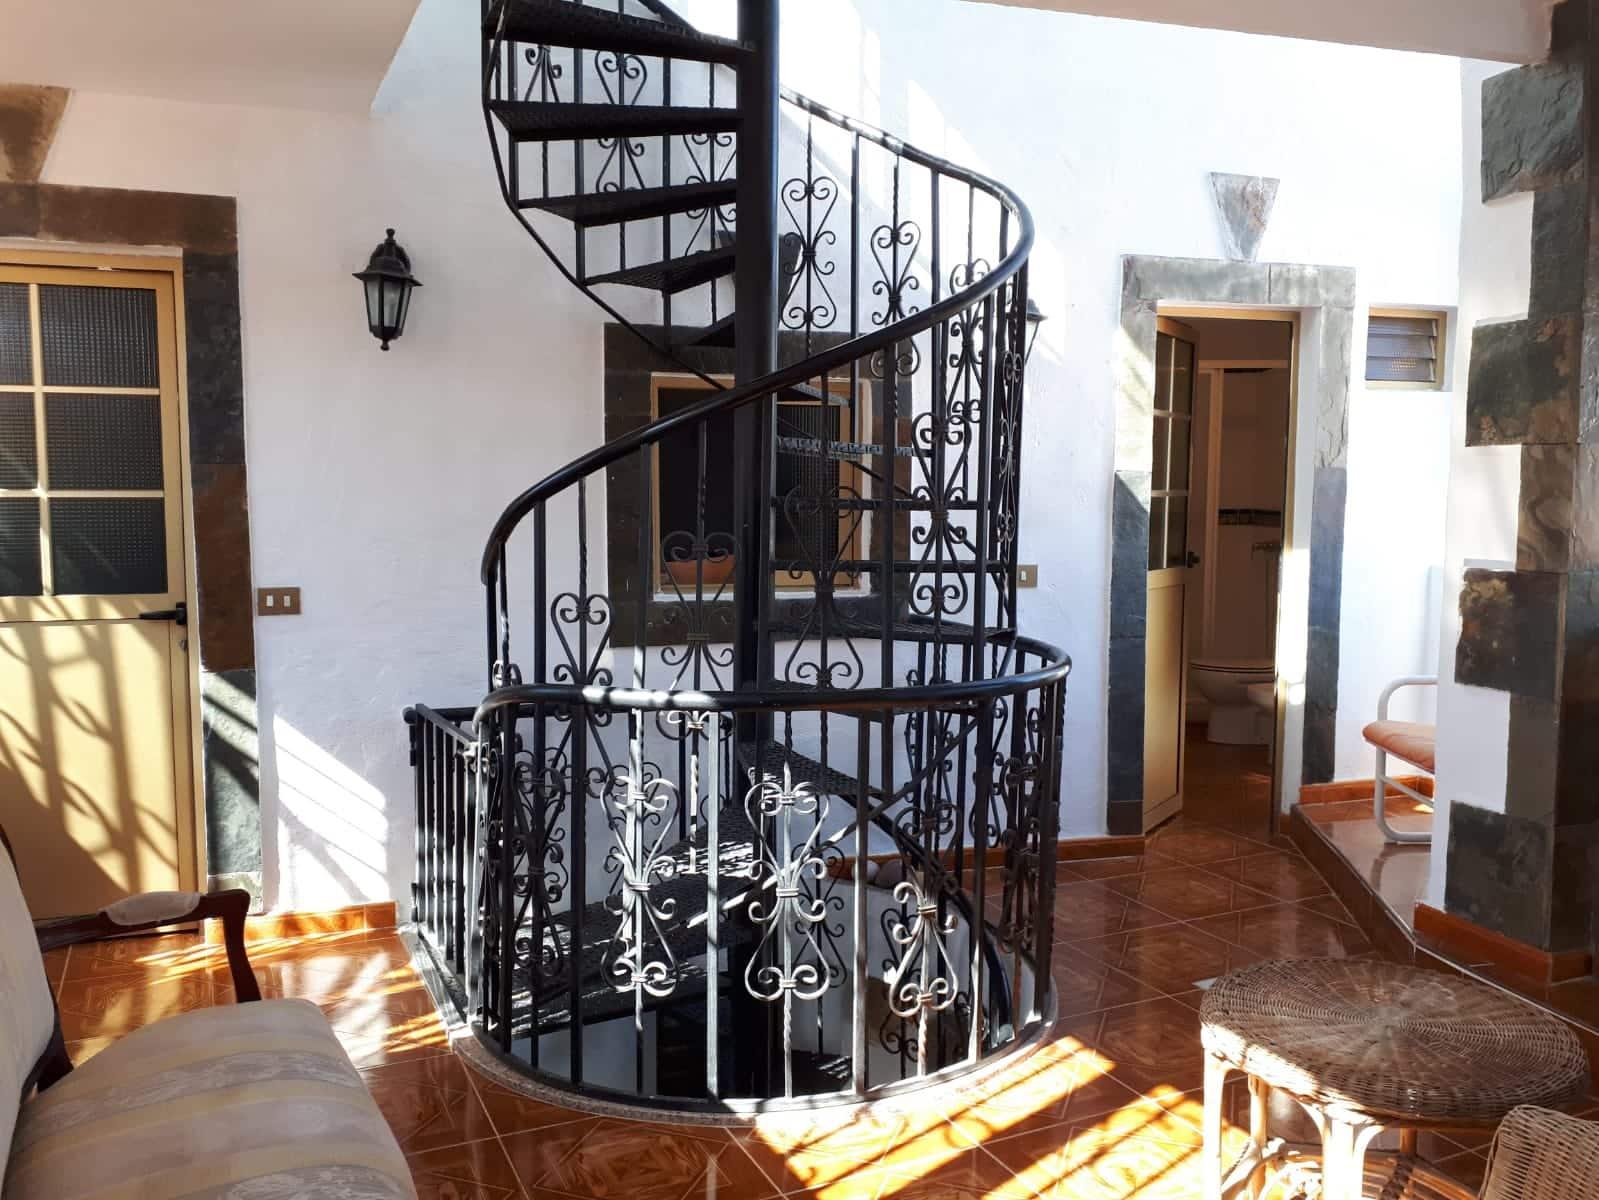 Finca/Maison de Campagne de 2 chambres à louer à Santa Lucia de Tirajana - 500 € (Ref: 5042980)